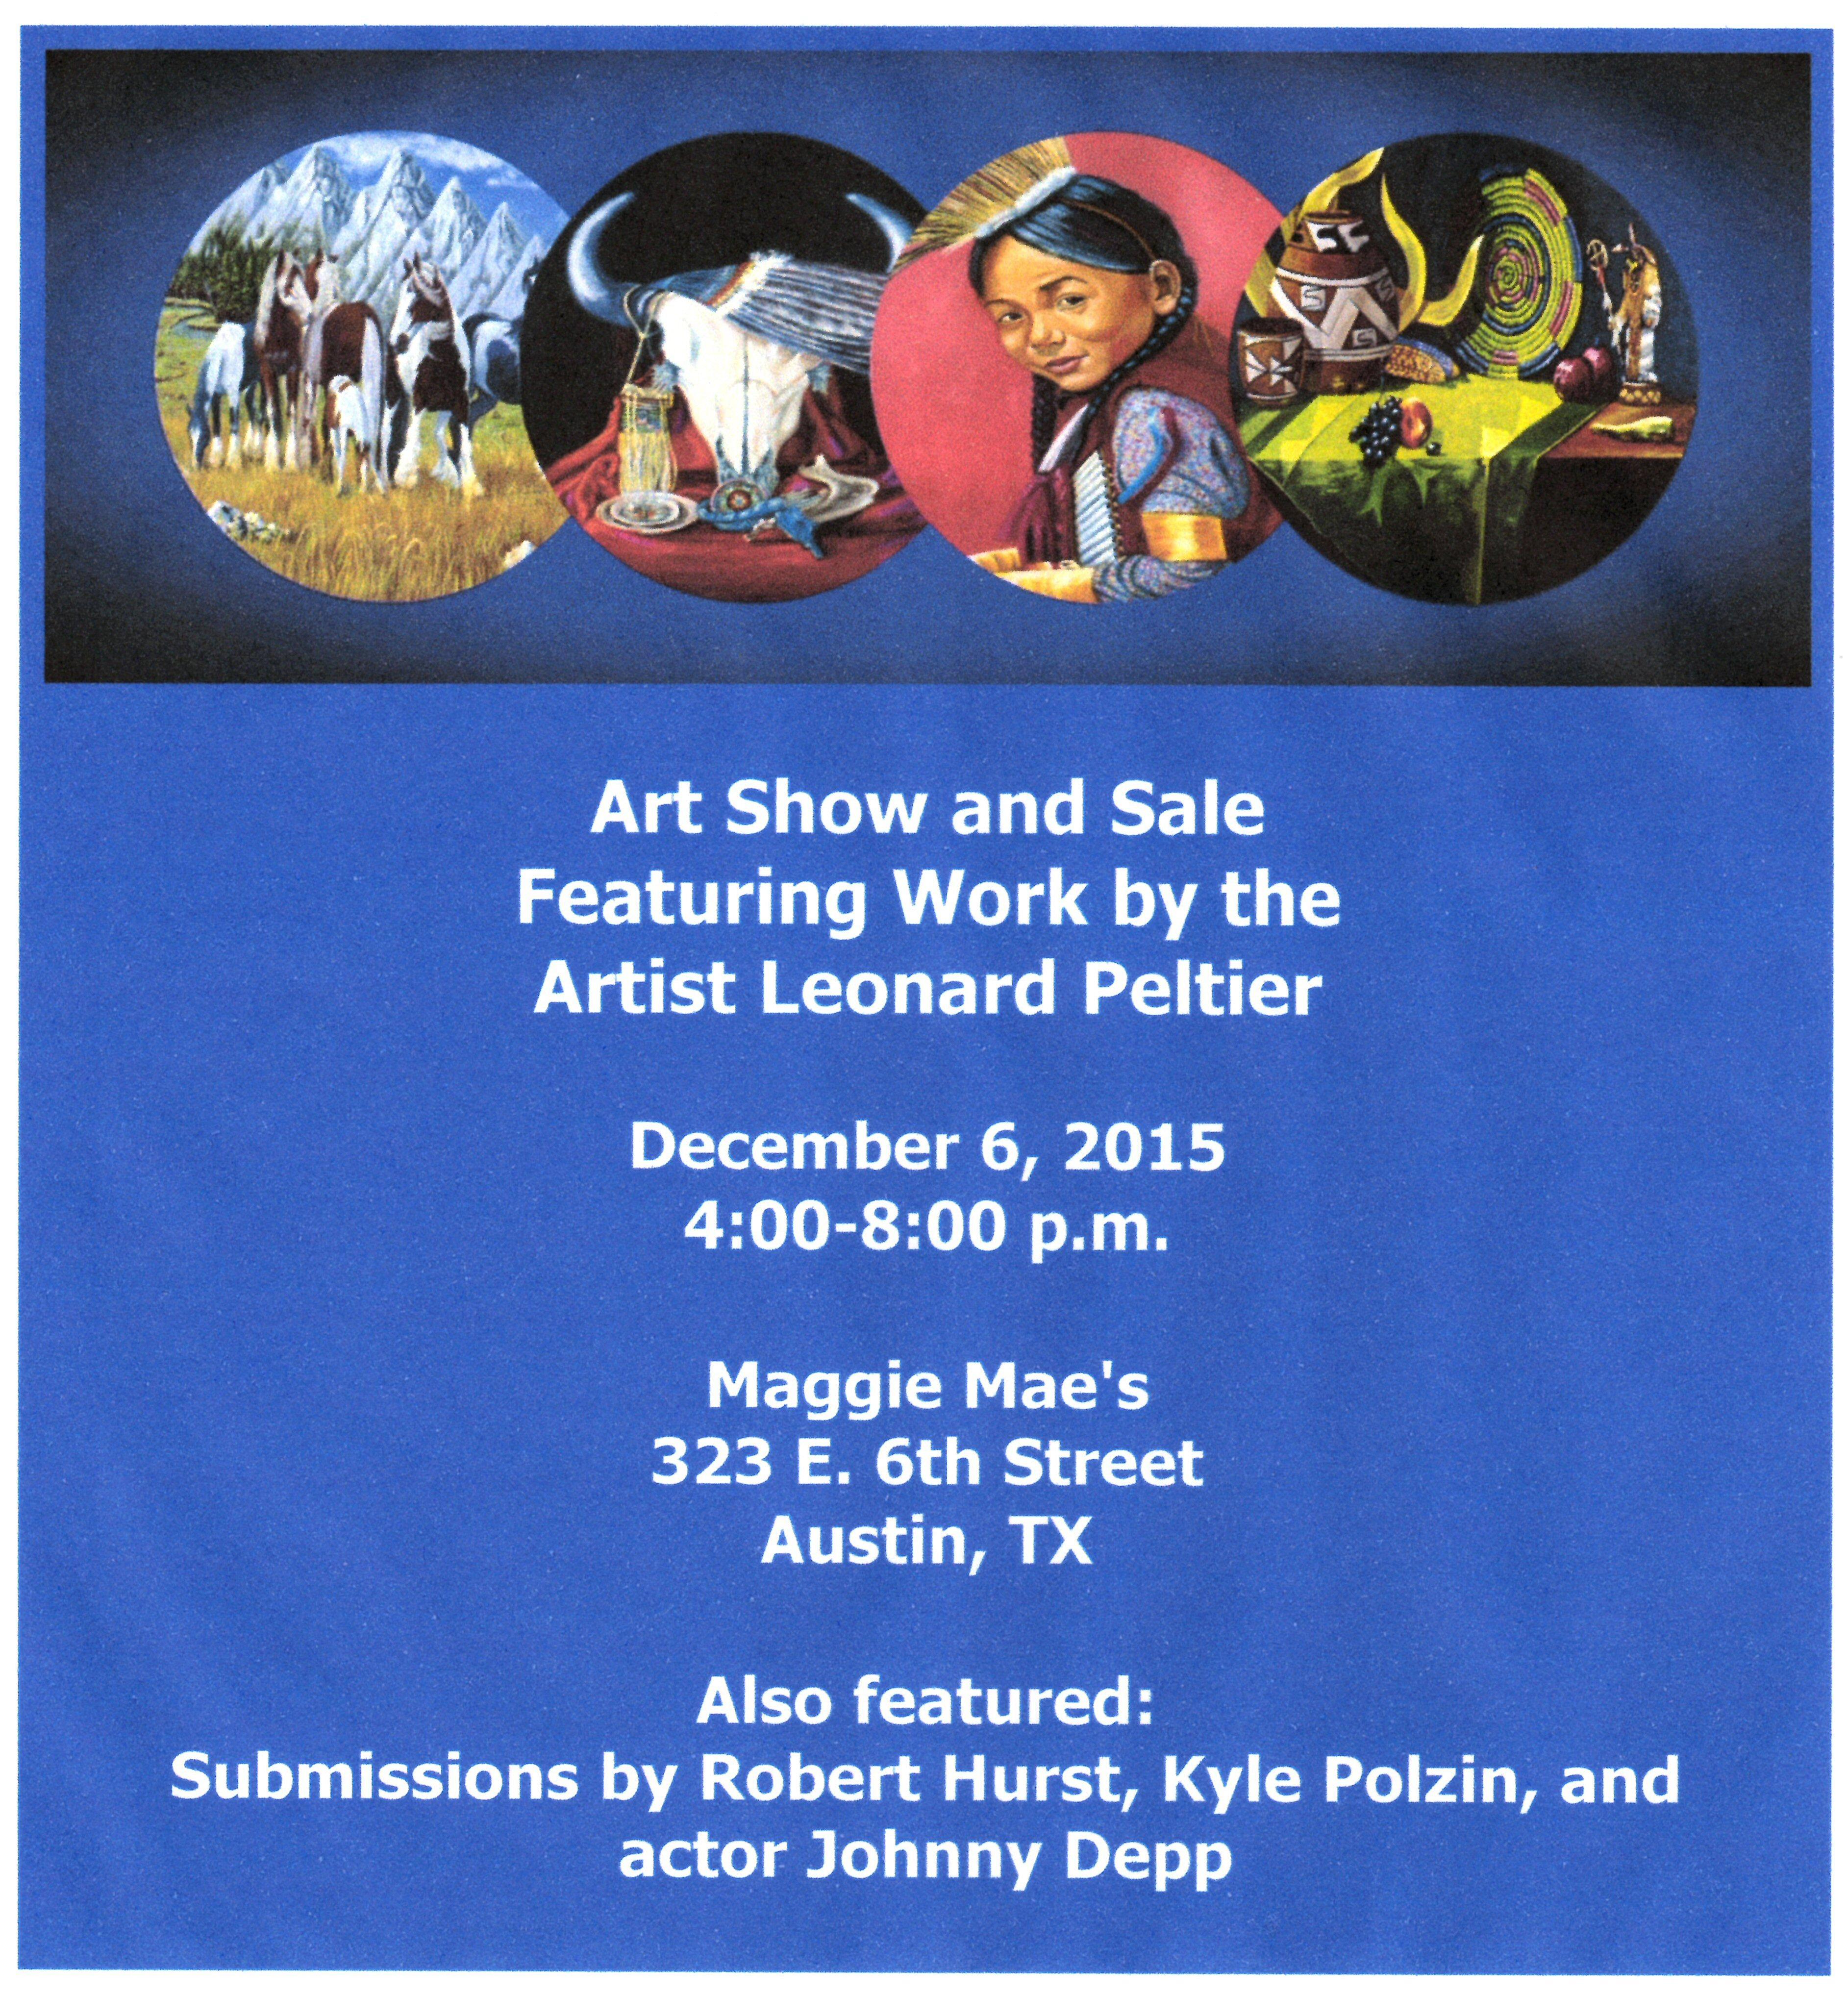 Art Exhibit and Sale